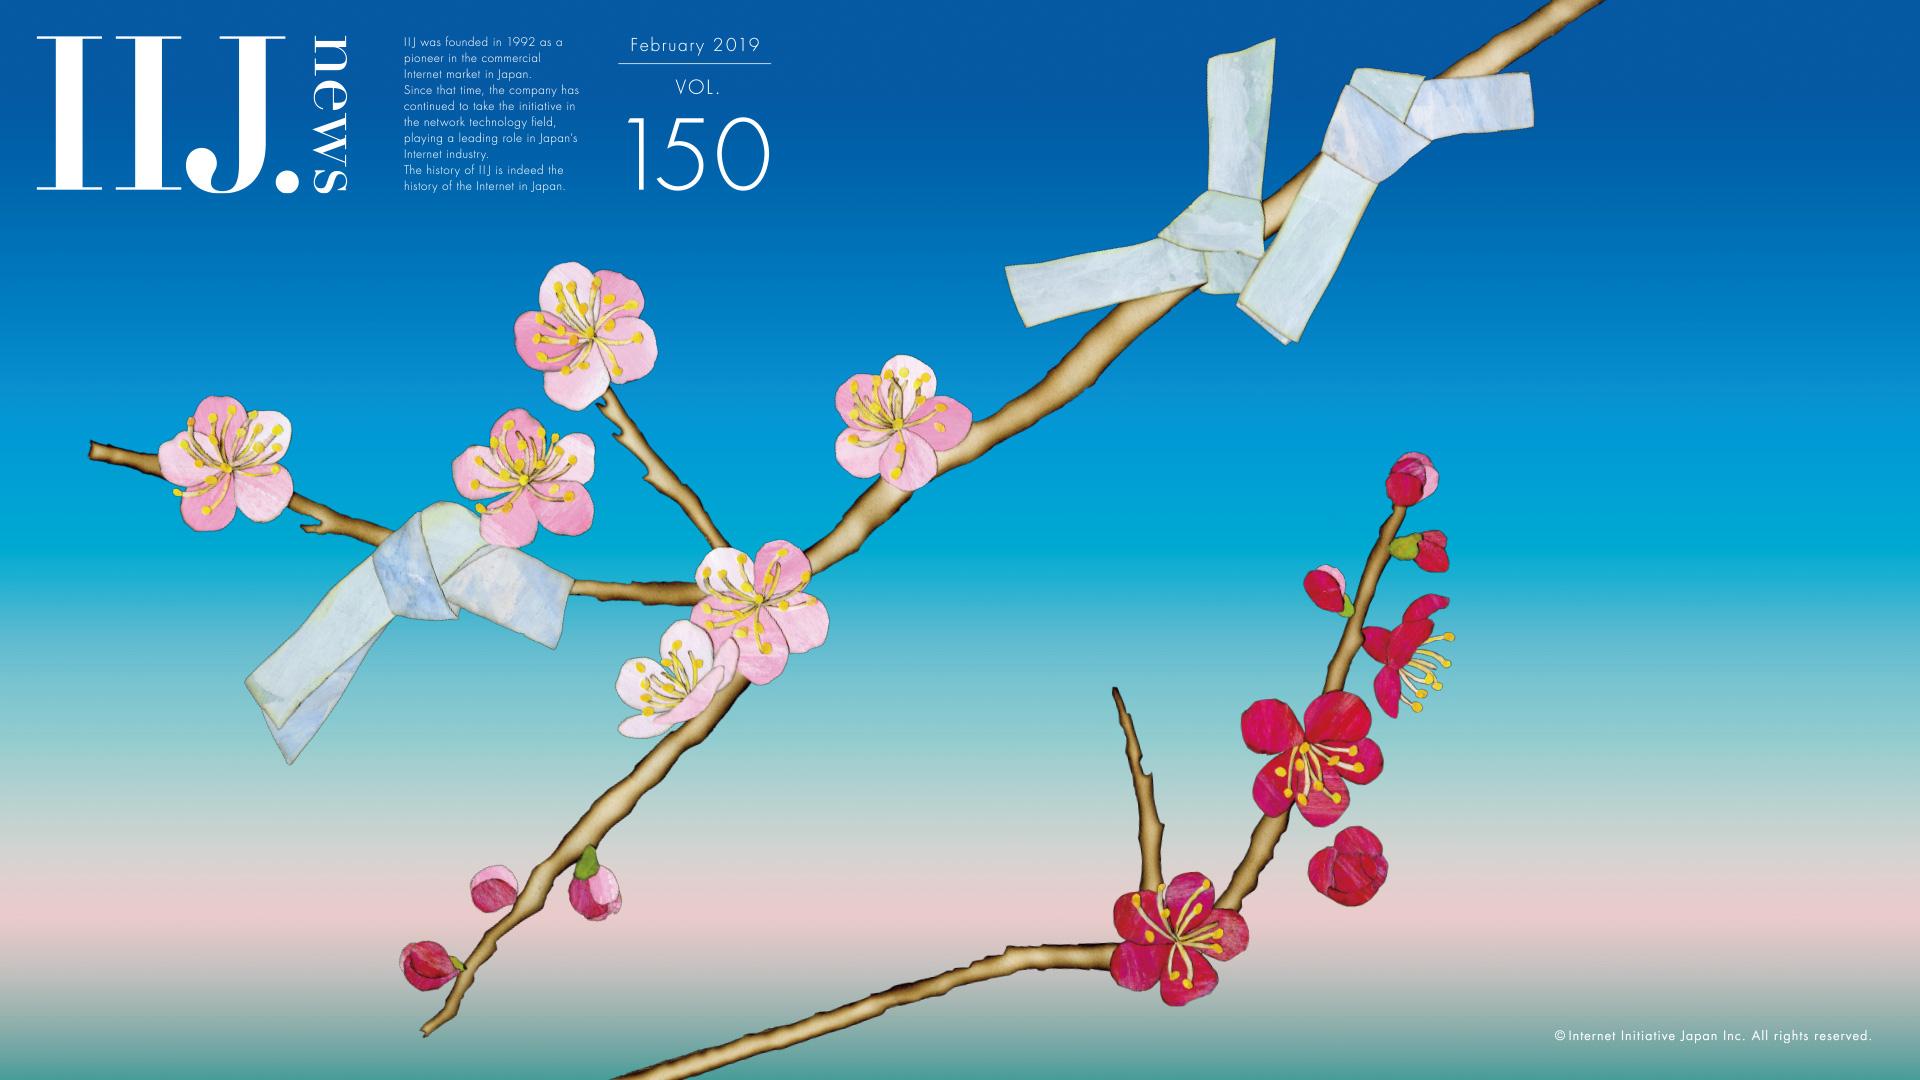 Iij News Vol 150 February 19 壁紙 19x1080 壁紙ダウンロード 広報誌 Iij News Iij